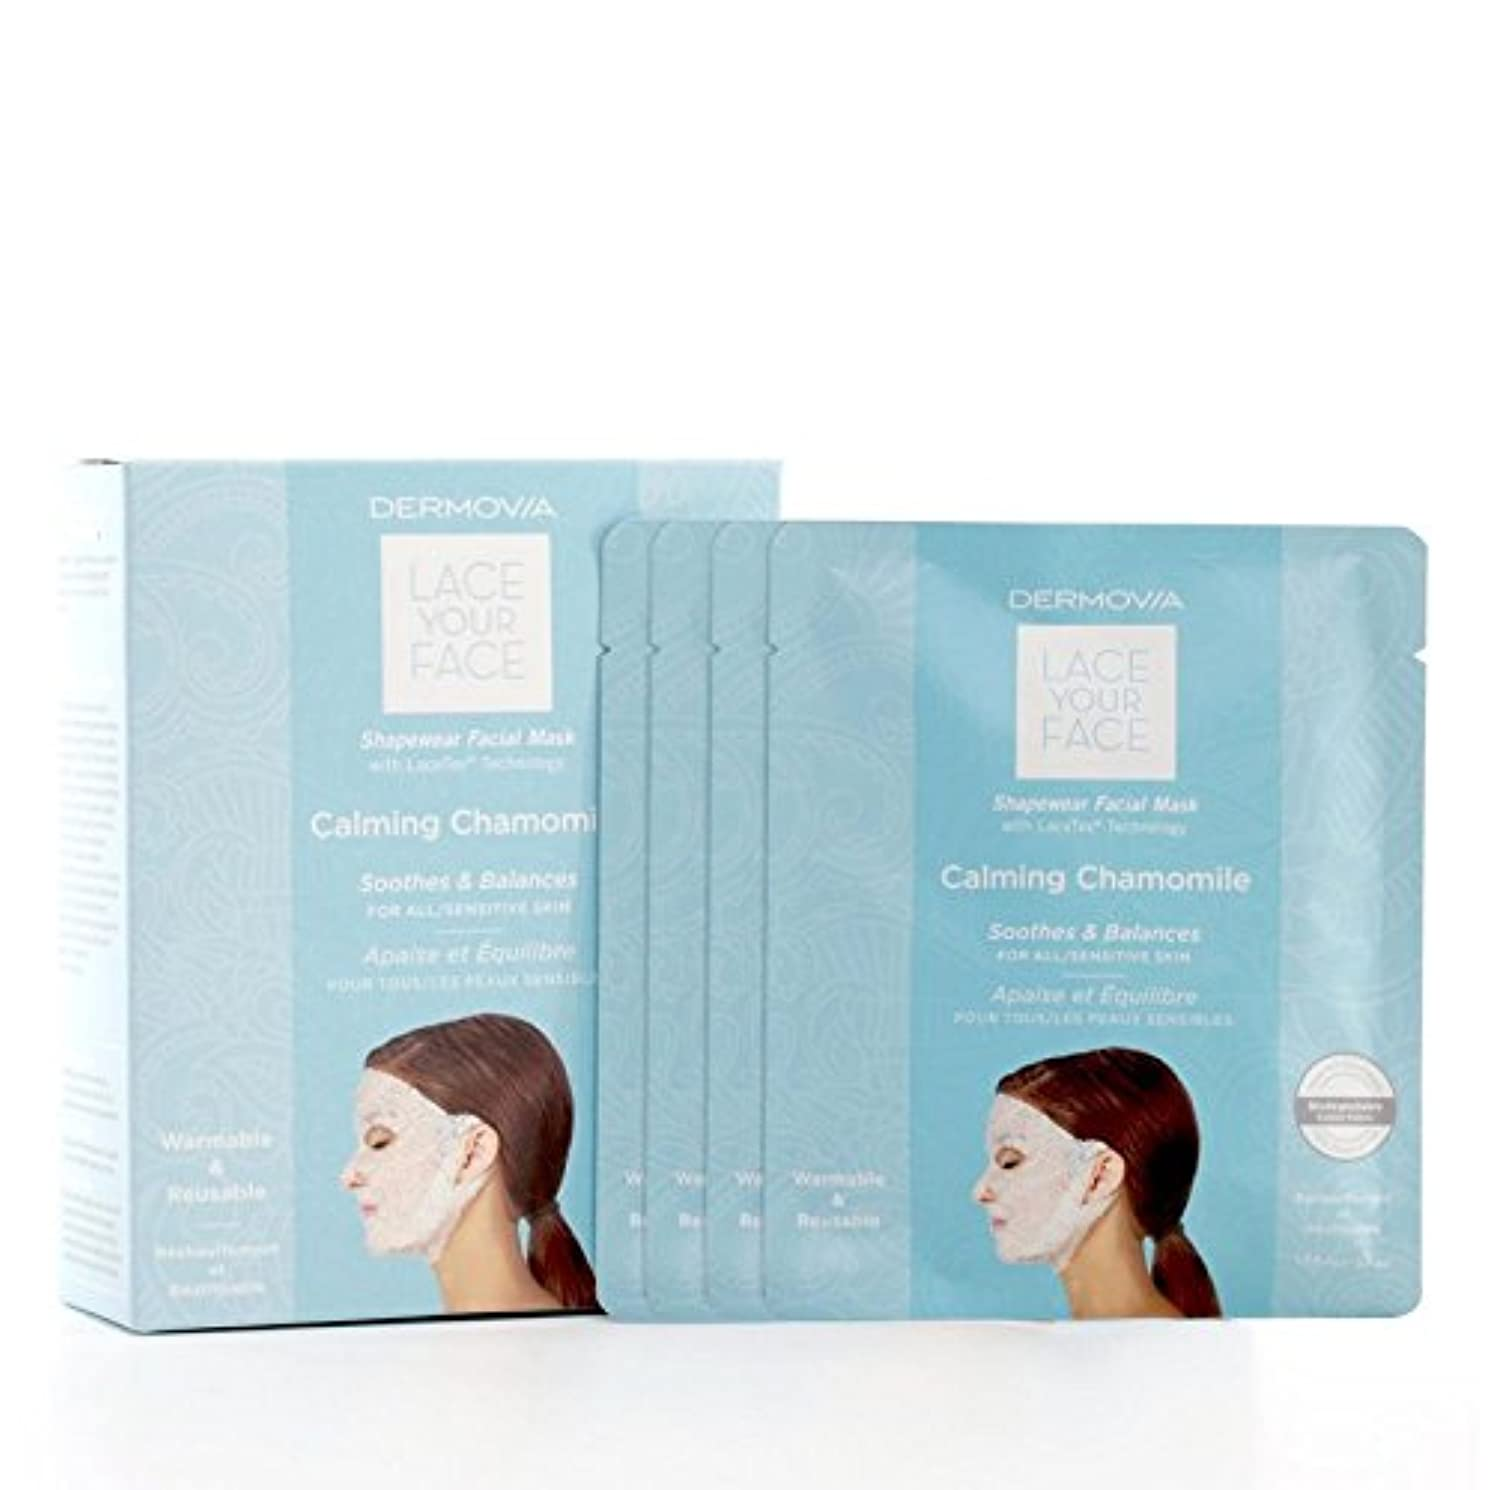 人道的茎七時半は、あなたの顔の圧縮フェイシャルマスク心を落ち着かせるカモミールをひもで締めます x4 - Dermovia Lace Your Face Compression Facial Mask Calming Chamomile...